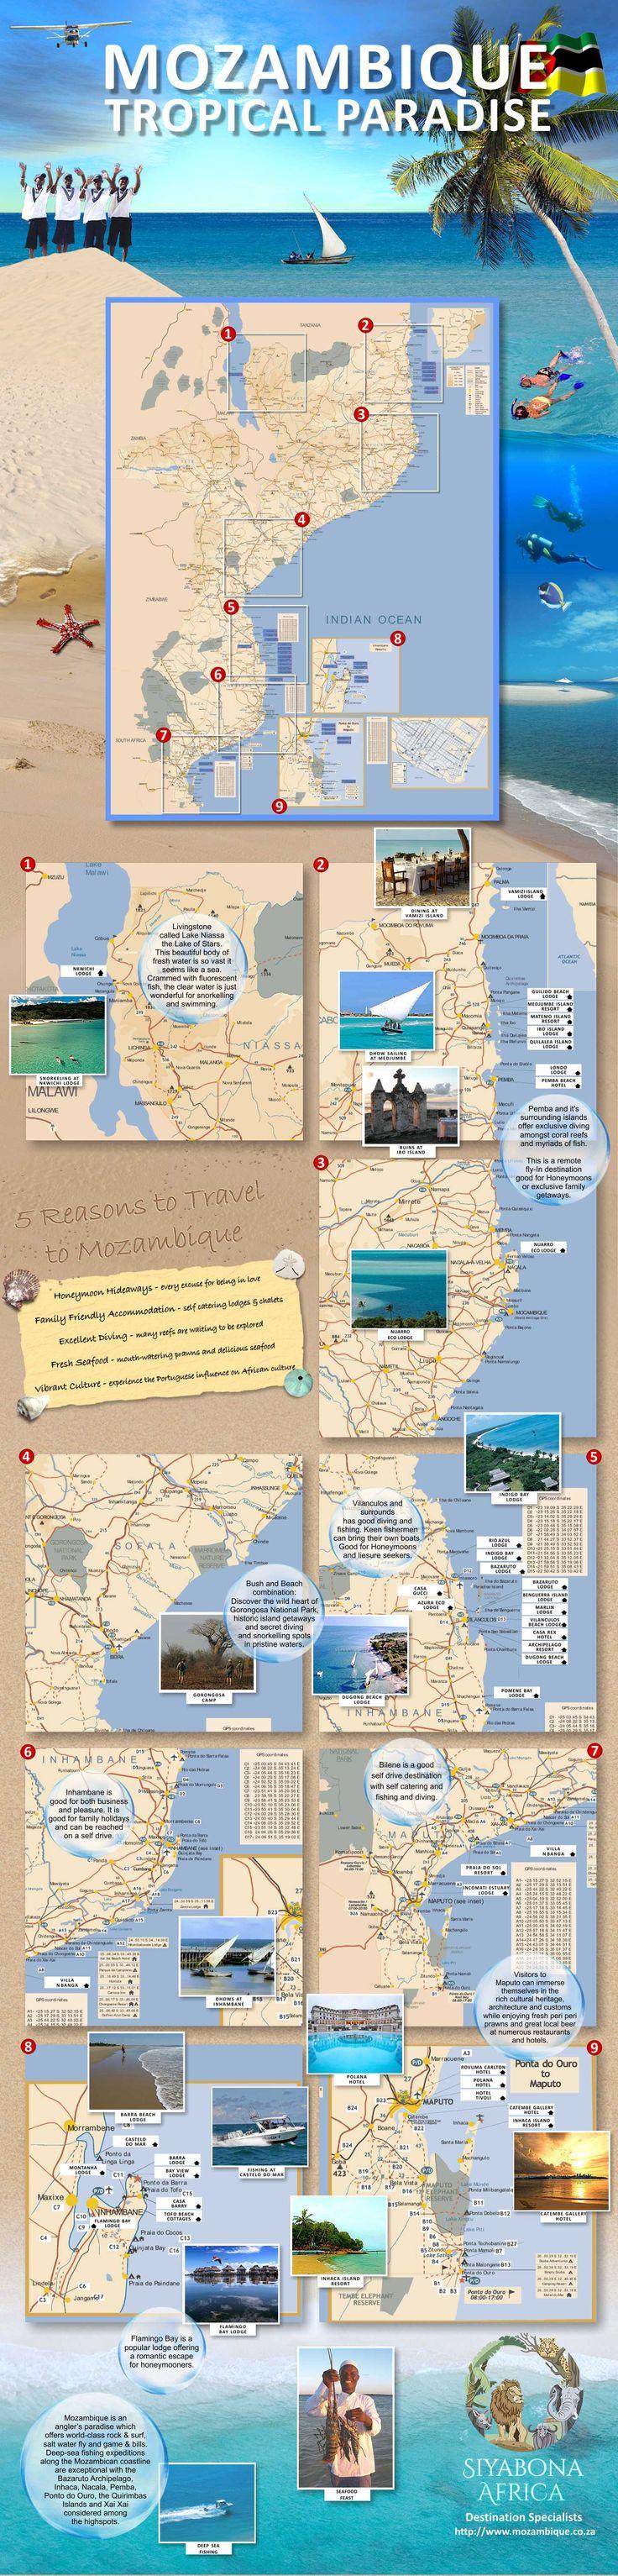 mozambique-infographic.jpg 1,440×5,999 pixels